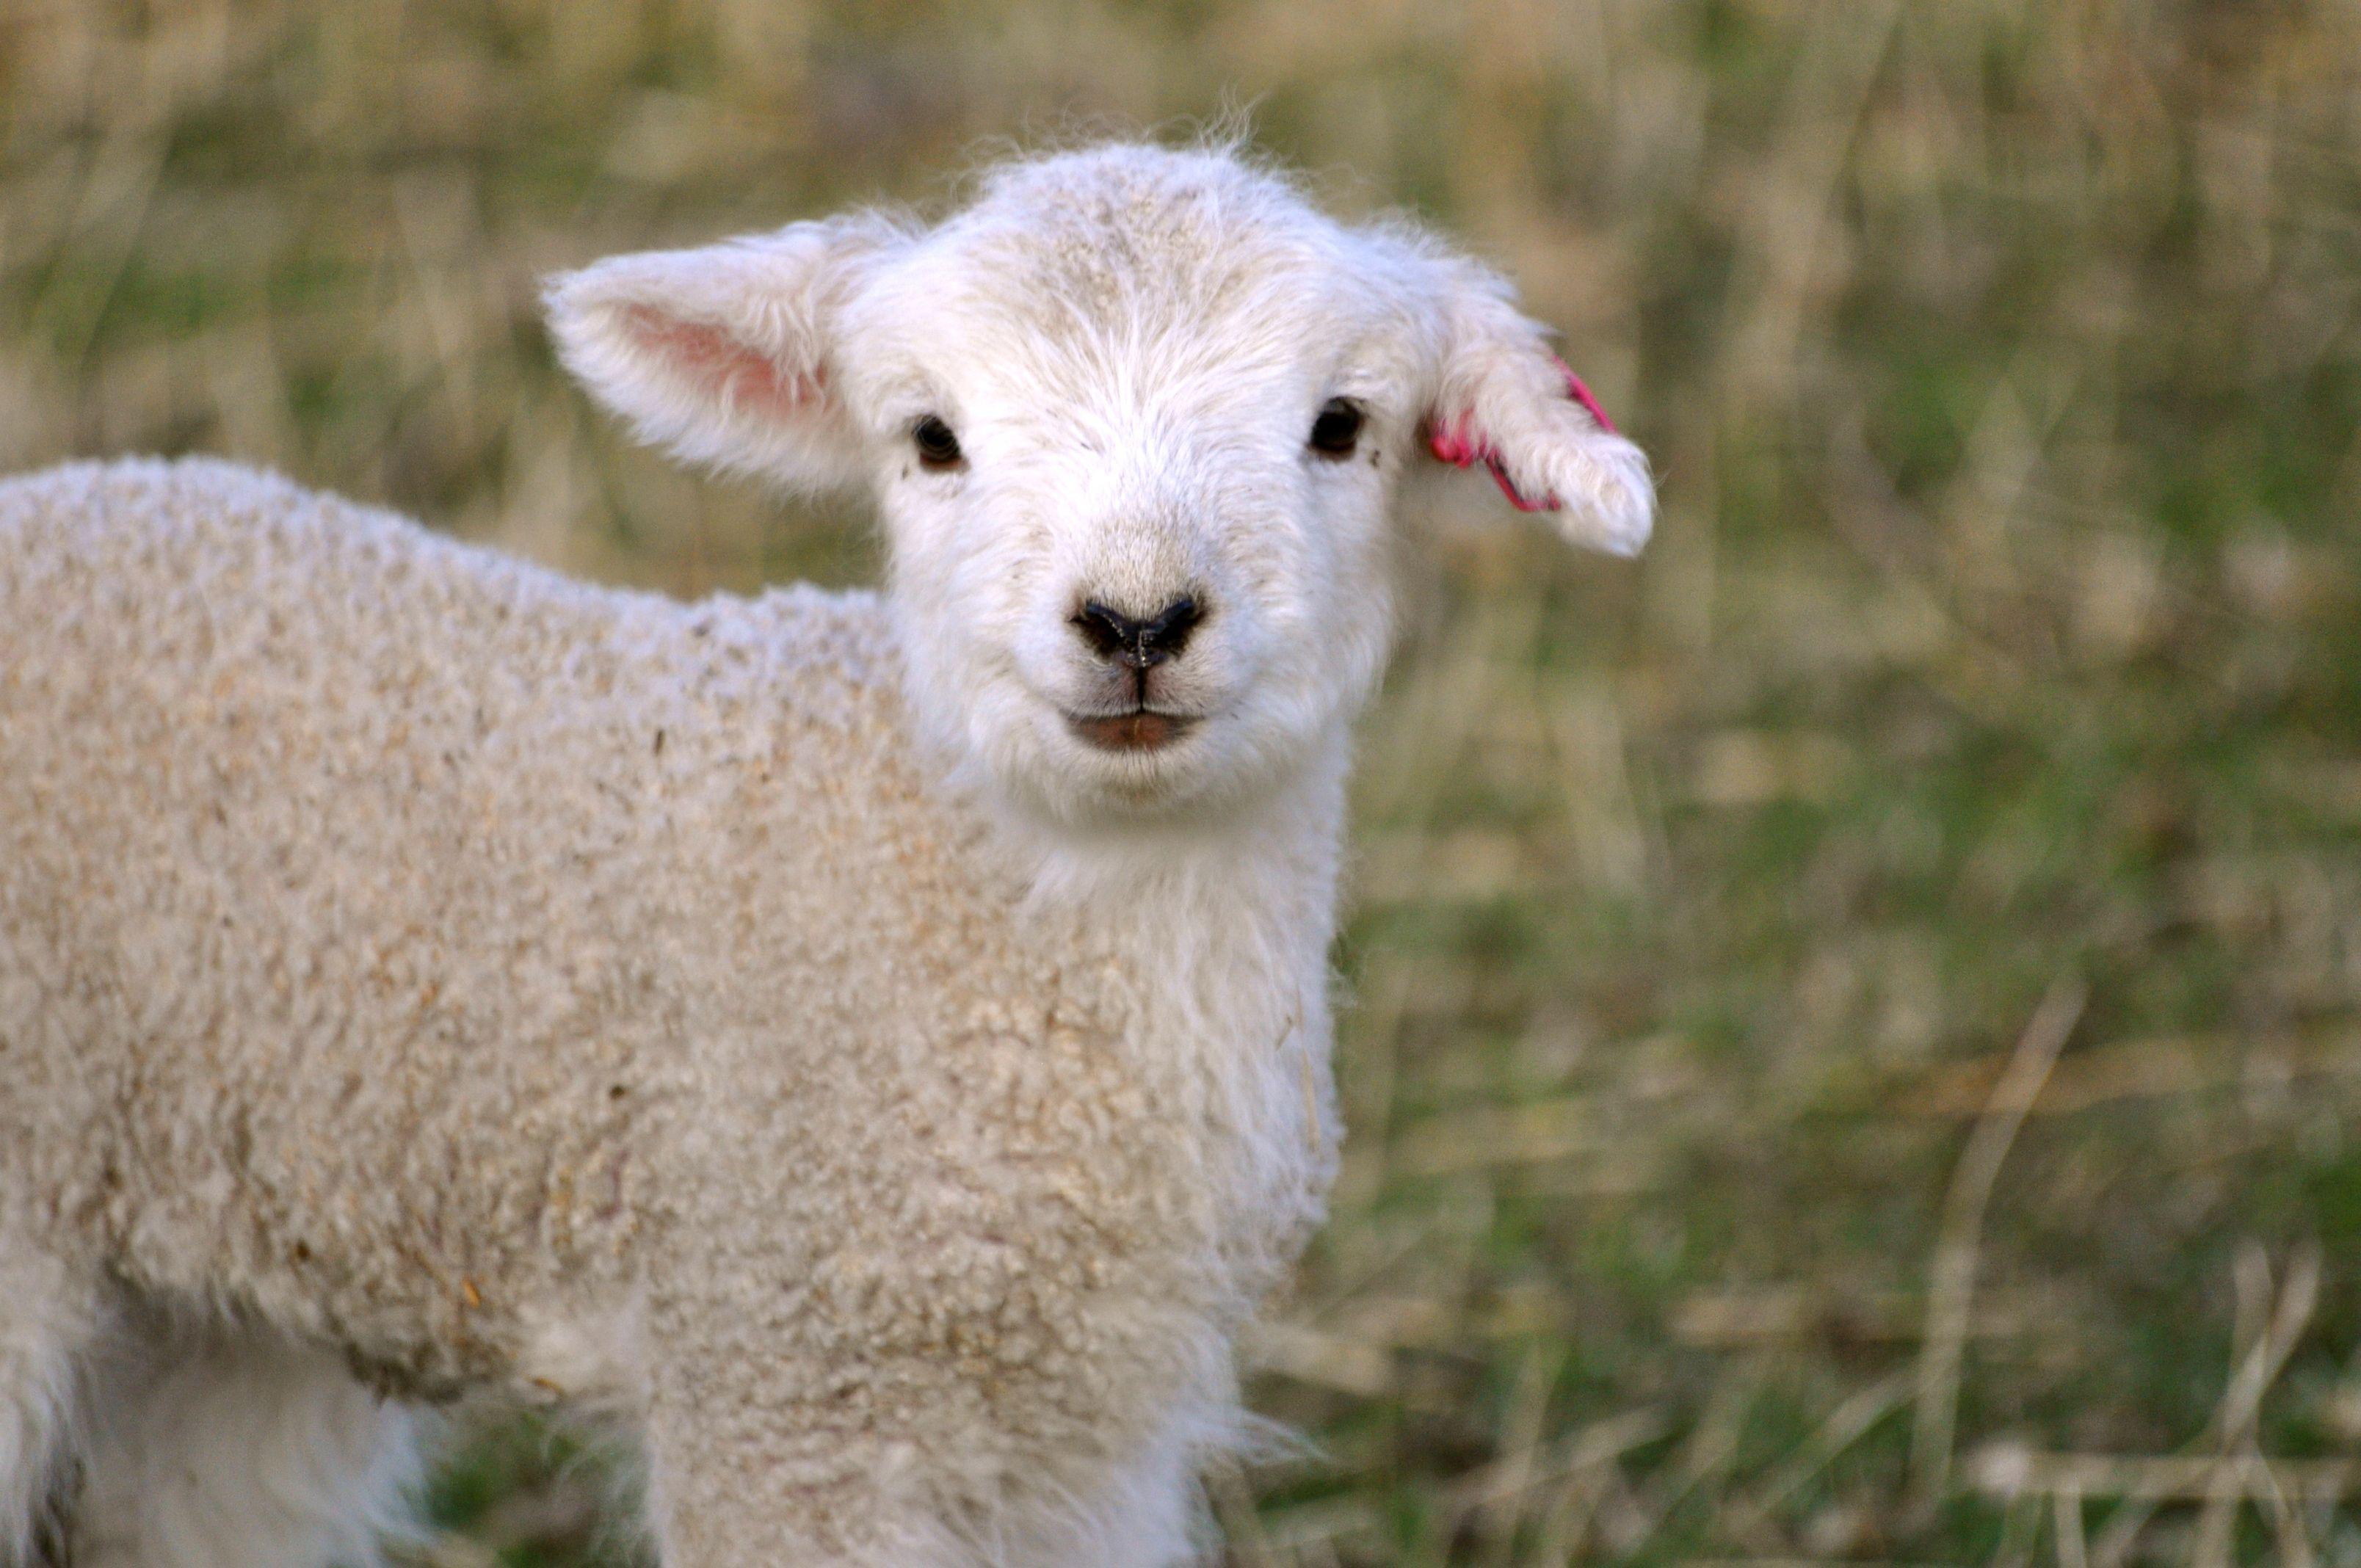 Checking the Sheep | Cute sheep, Sheep, lamb, Sheep